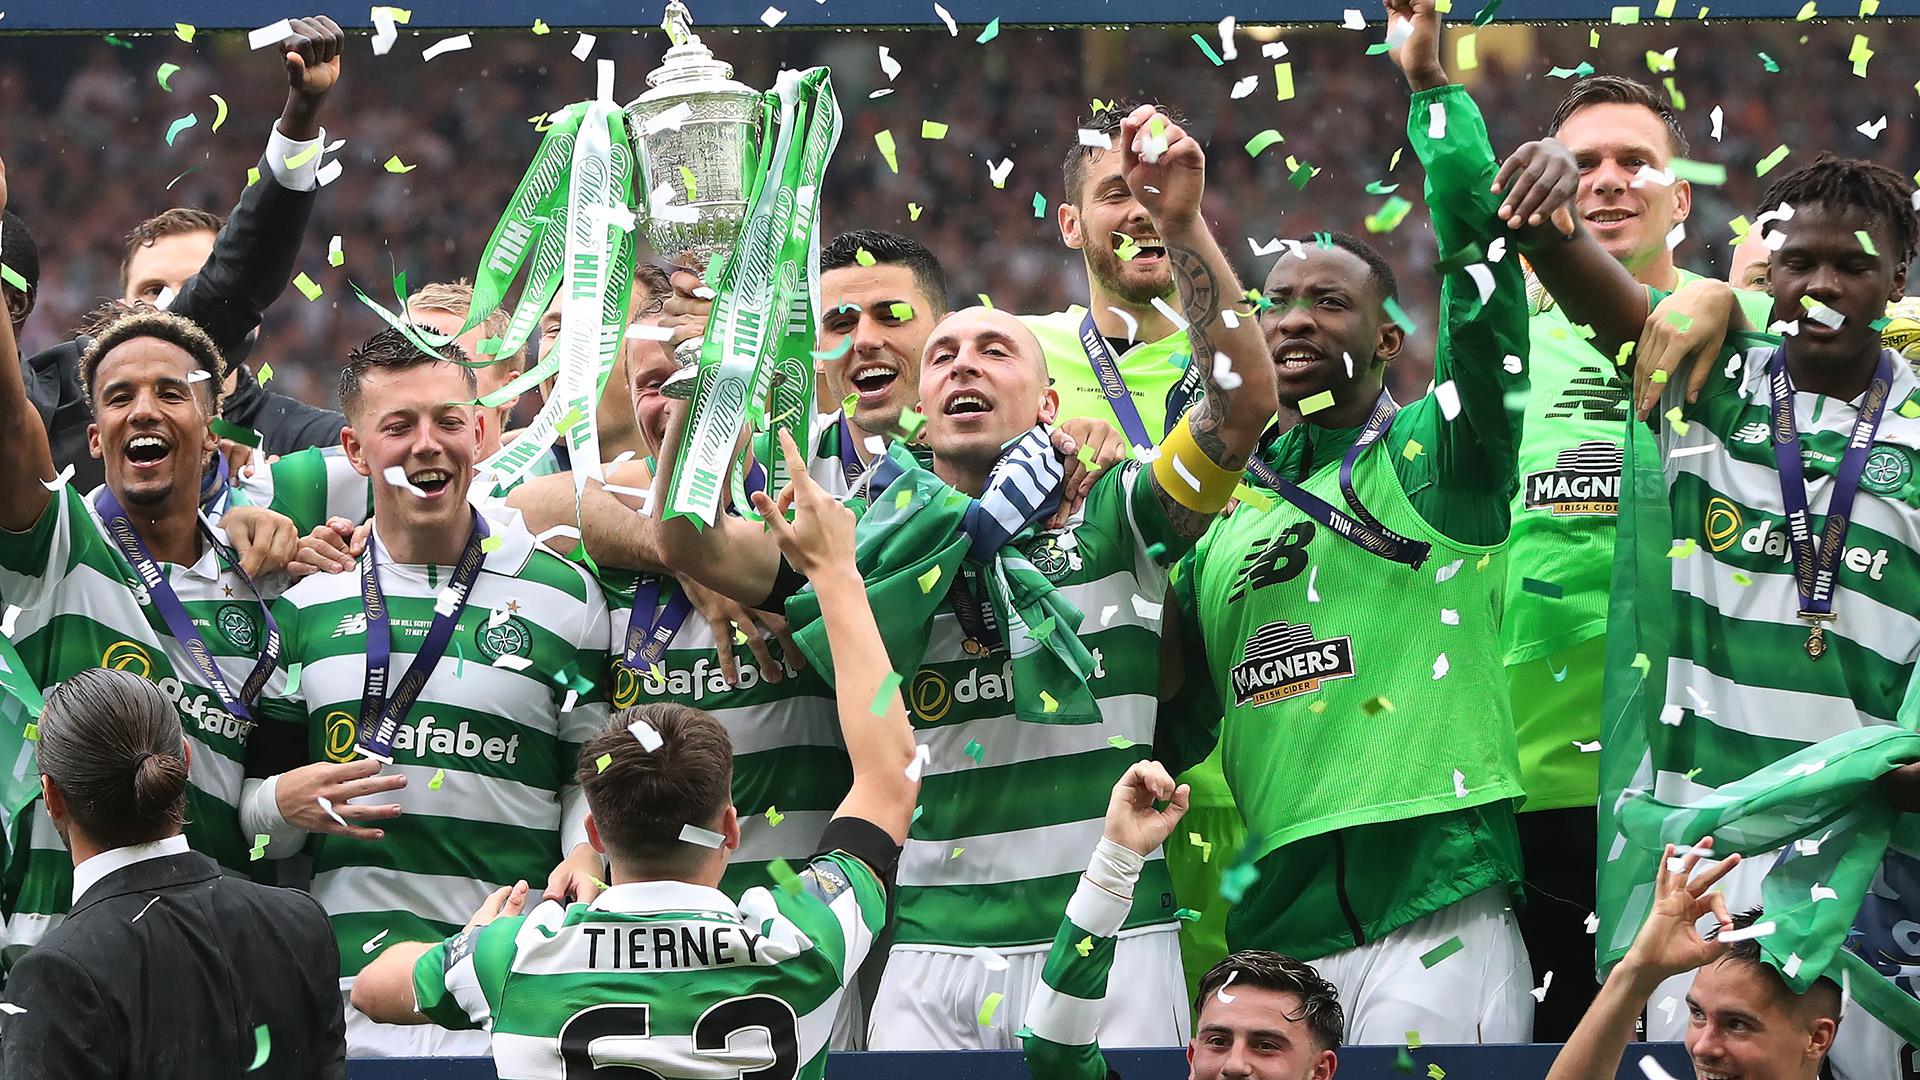 Celtic zum 37. Mal Pokalsieger